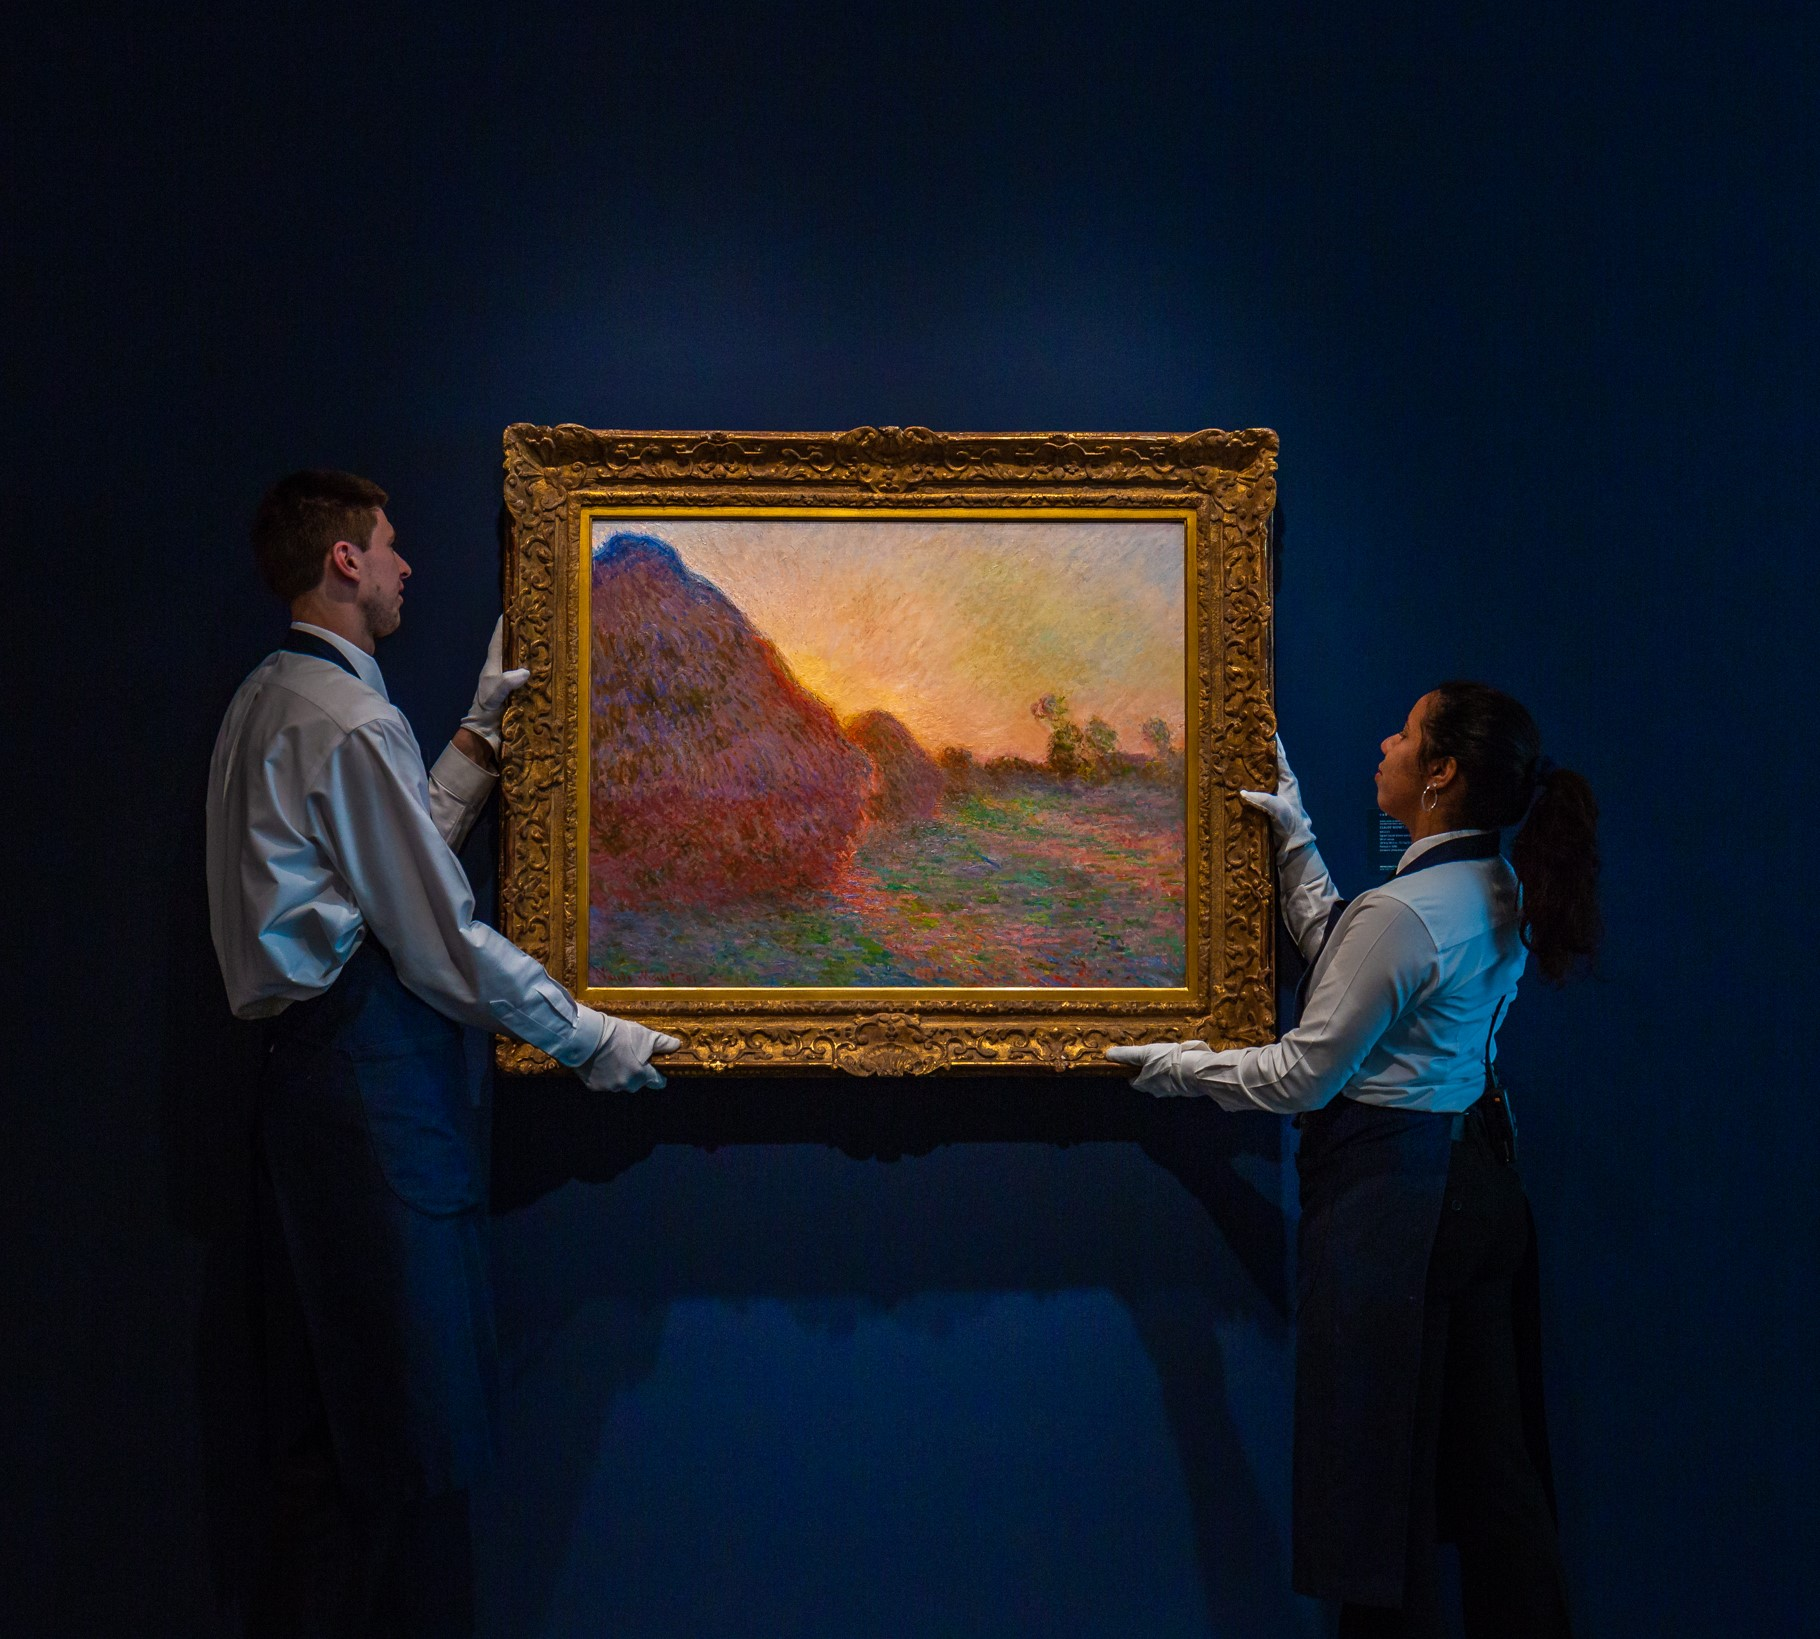 Claude Monet, « Les meules », estimation : plus de 55 millions de dollars, adjugé 110,7 millions de dollars, vente Sotheby's New York, 14 mai. Copyright : Sotheby's.